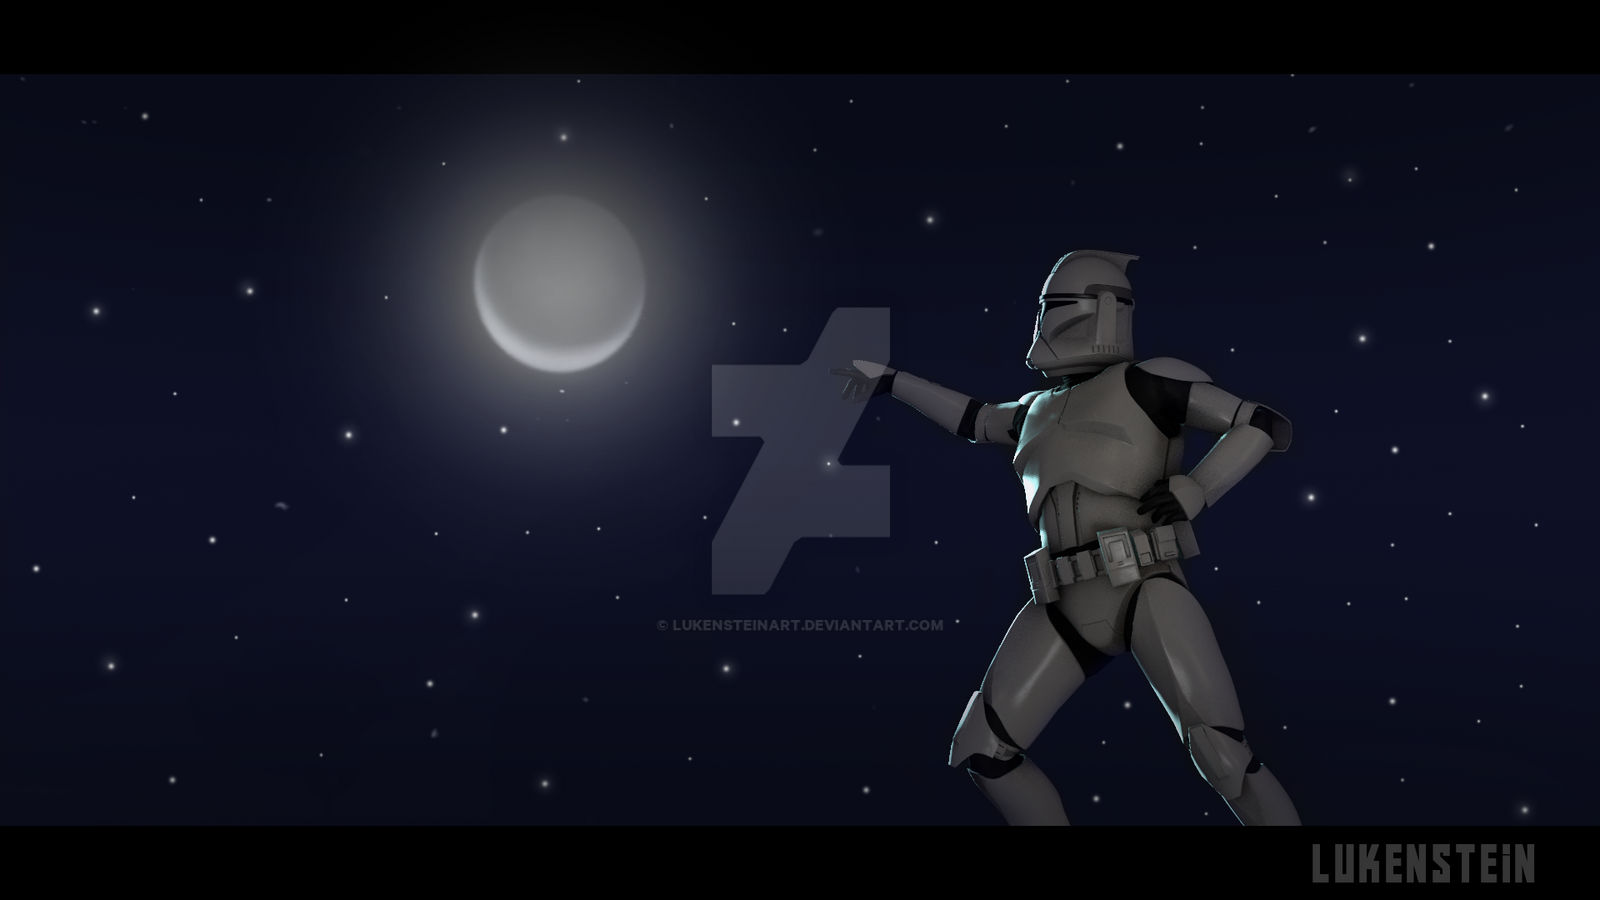 clone trooper  starwars fan art wallpaper by lukensteinart dcl89q3